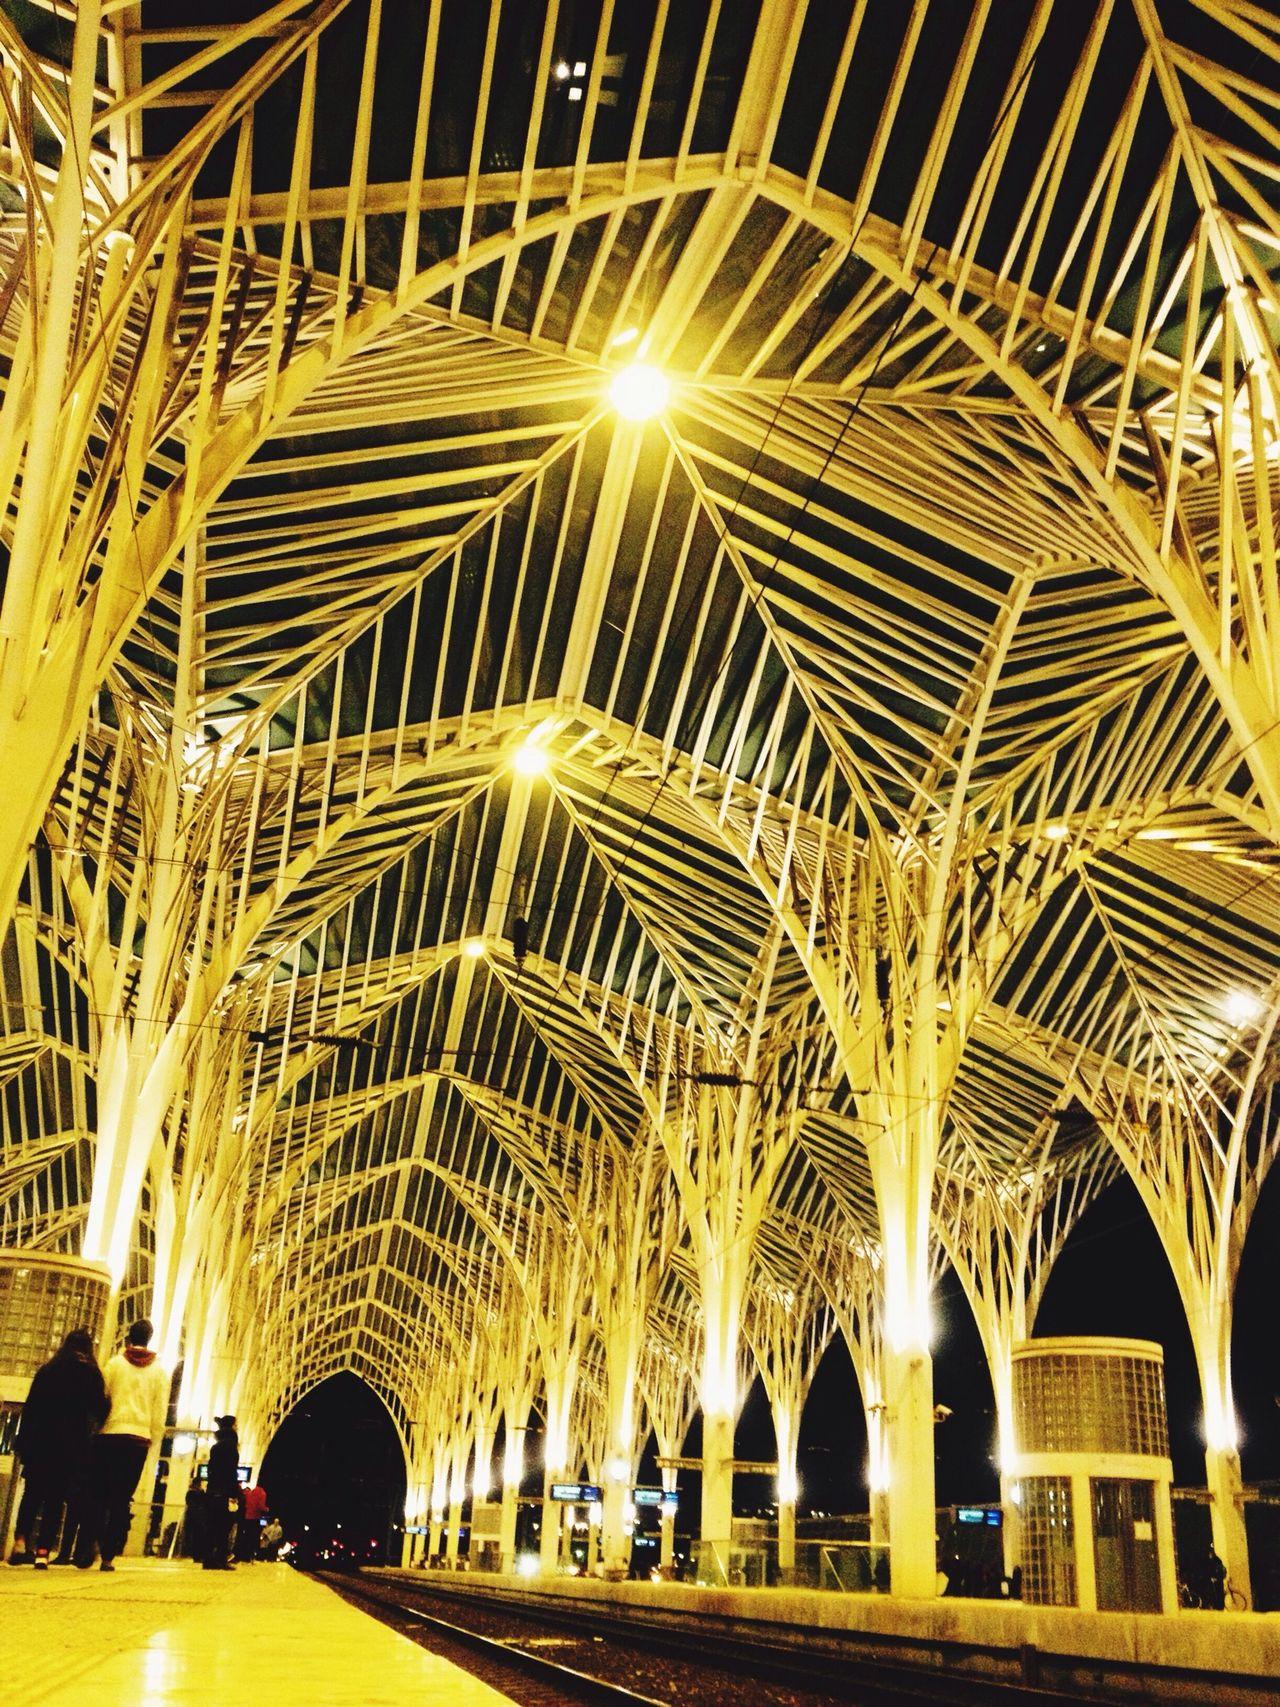 Lisbon Lisbonlovers Amoteportugal_ Portugaldenorteasul Igersportugal Welovelisbonpt Garedooriente IPSLeadingLines